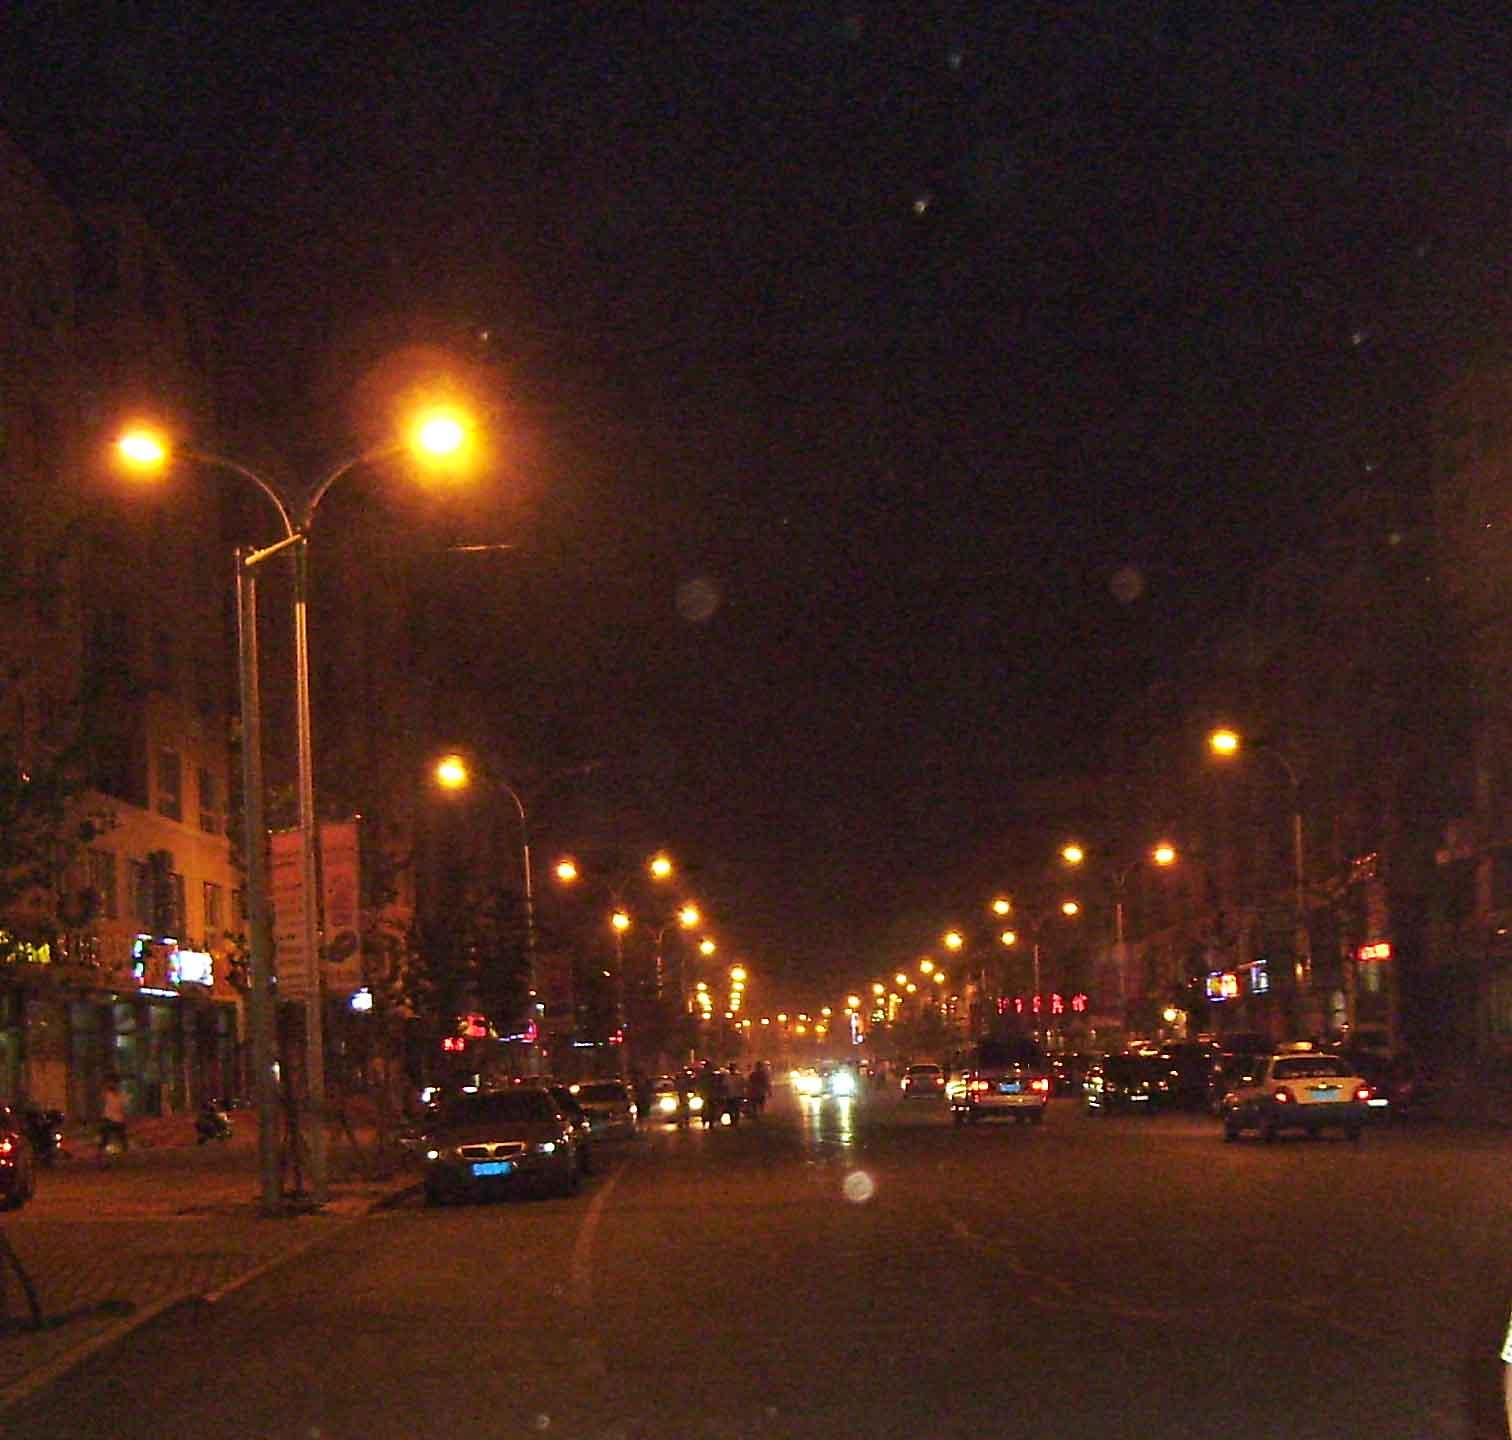 第一次拍马路夜景.图片